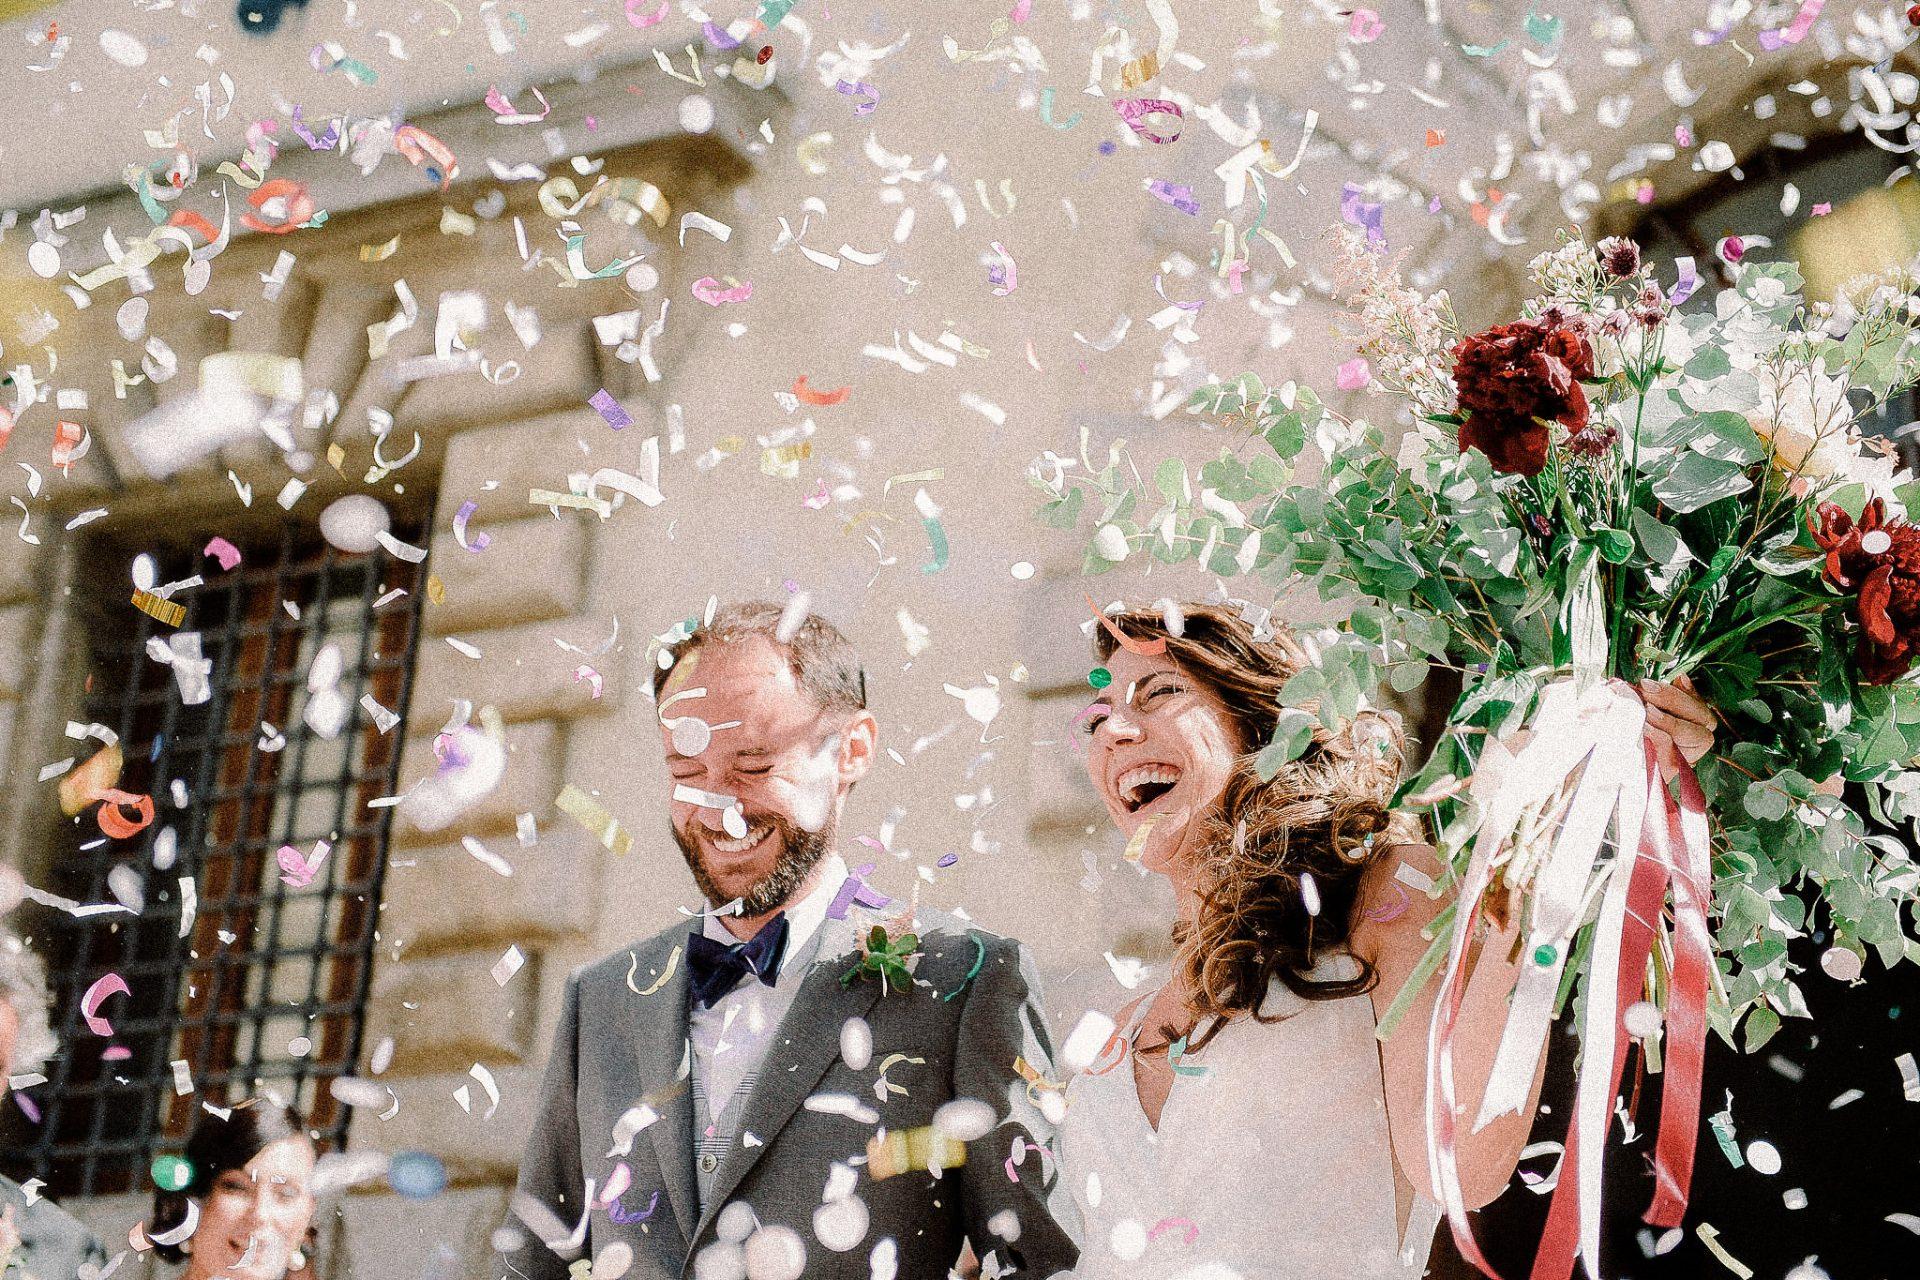 6 filmes de casamento para ver e rever Noiva Ansiosa